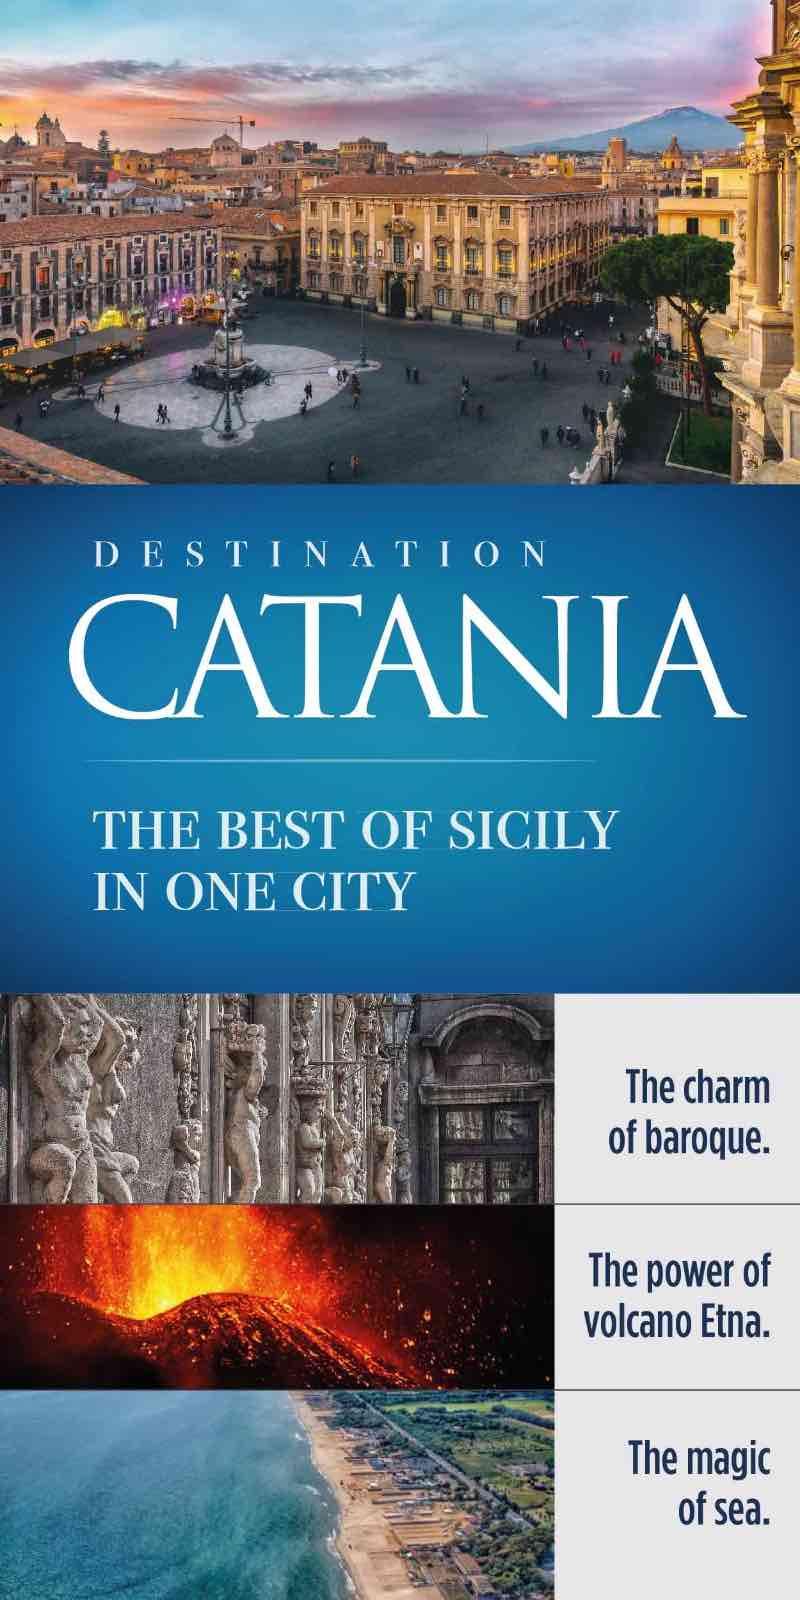 Turismo, Destination Catania per quattro mesi sul portale Expedia ...